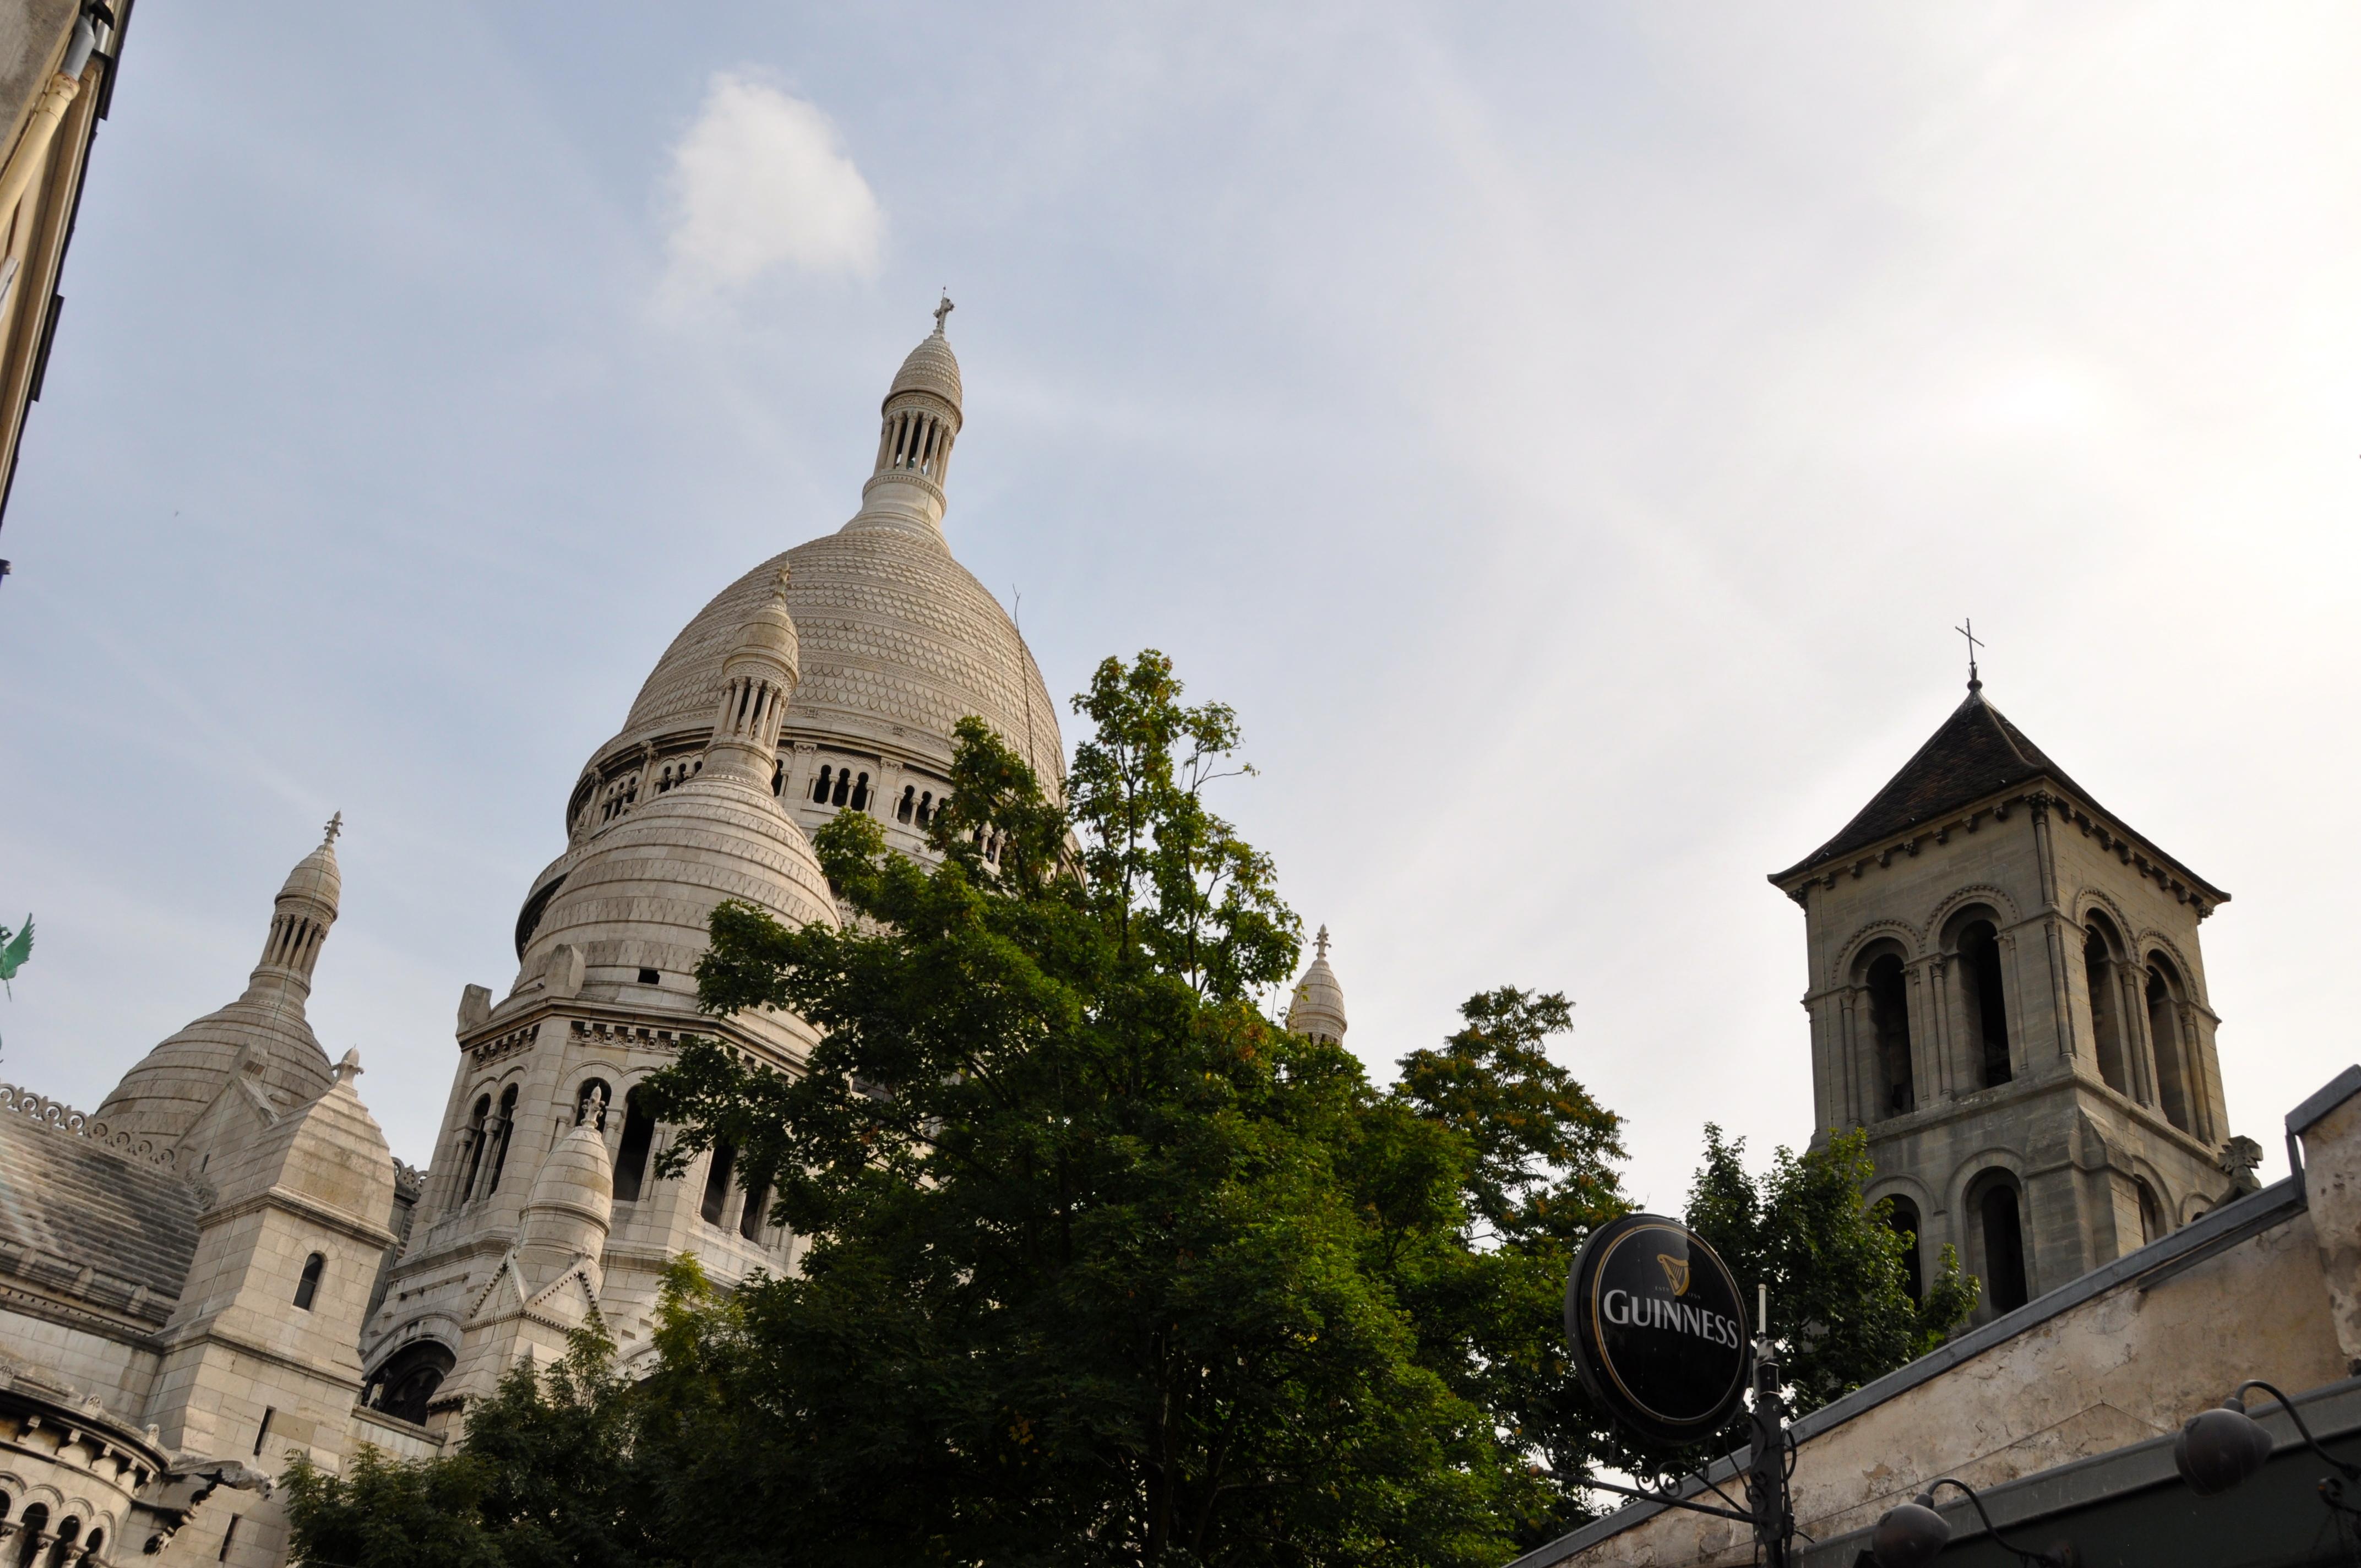 Basilique du Sacré-Coeur et église Saint-Pierre-de-Montmartre